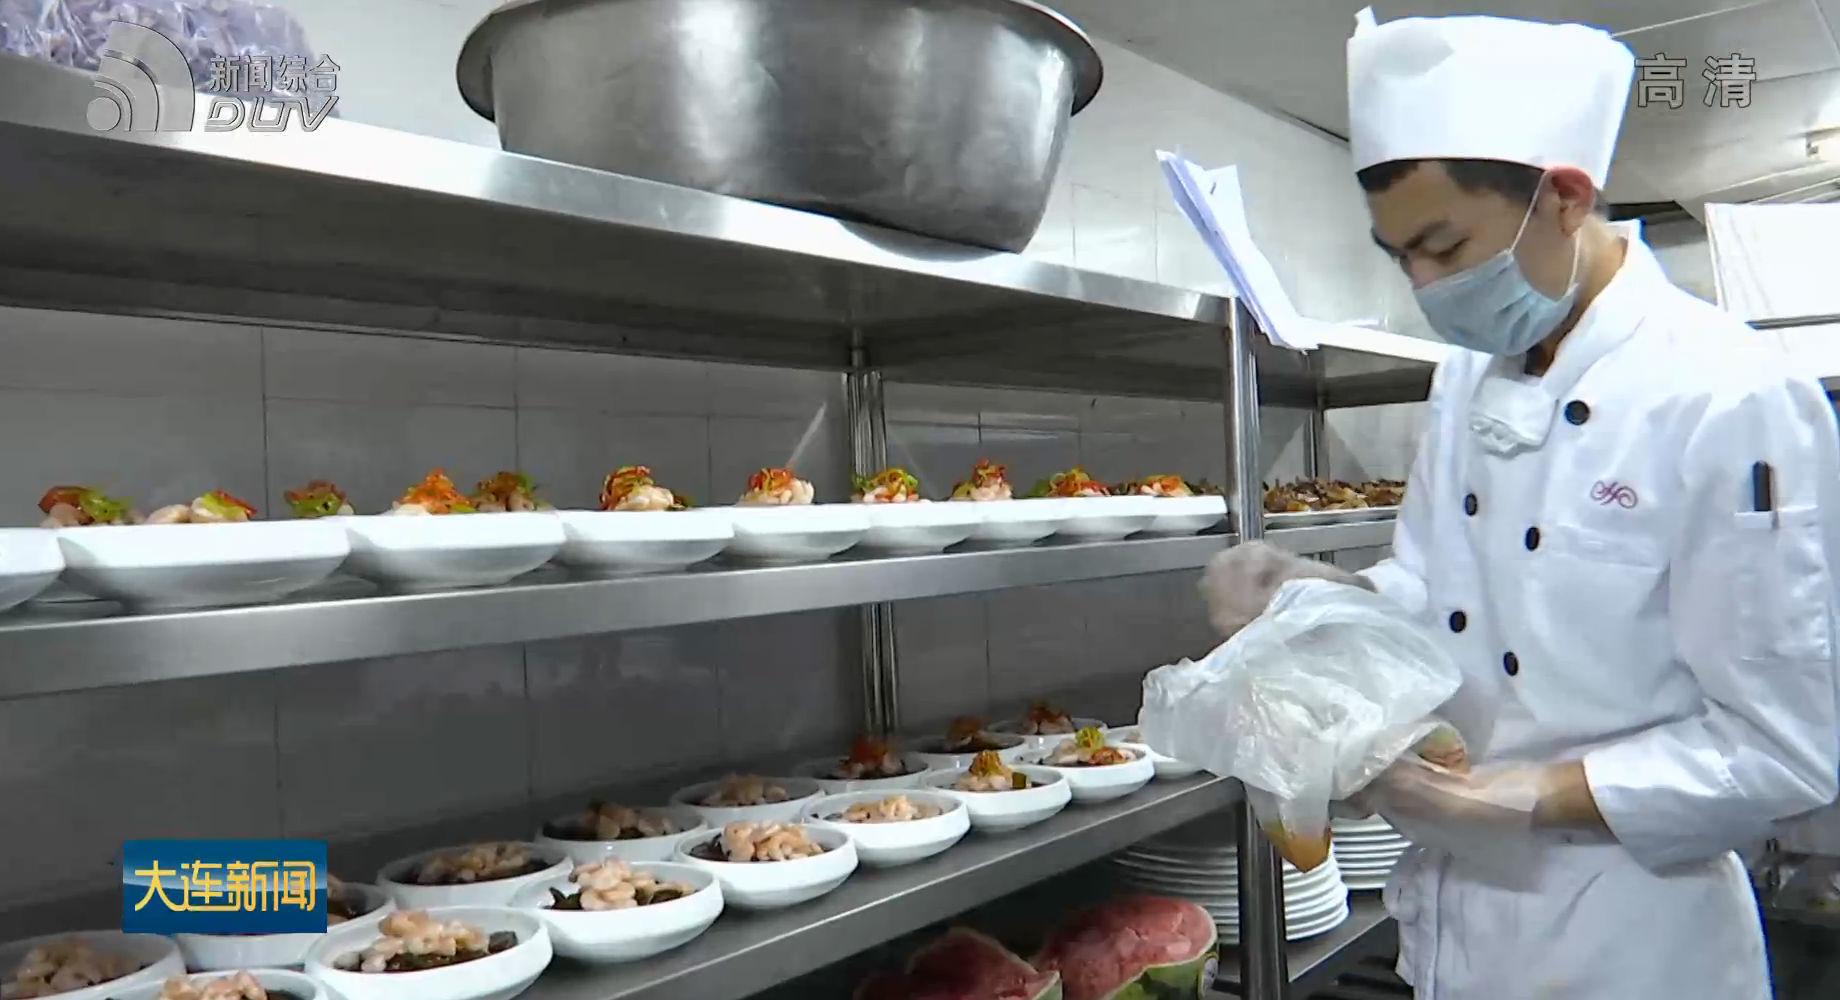 群体聚餐恢复 市场监管全面检查